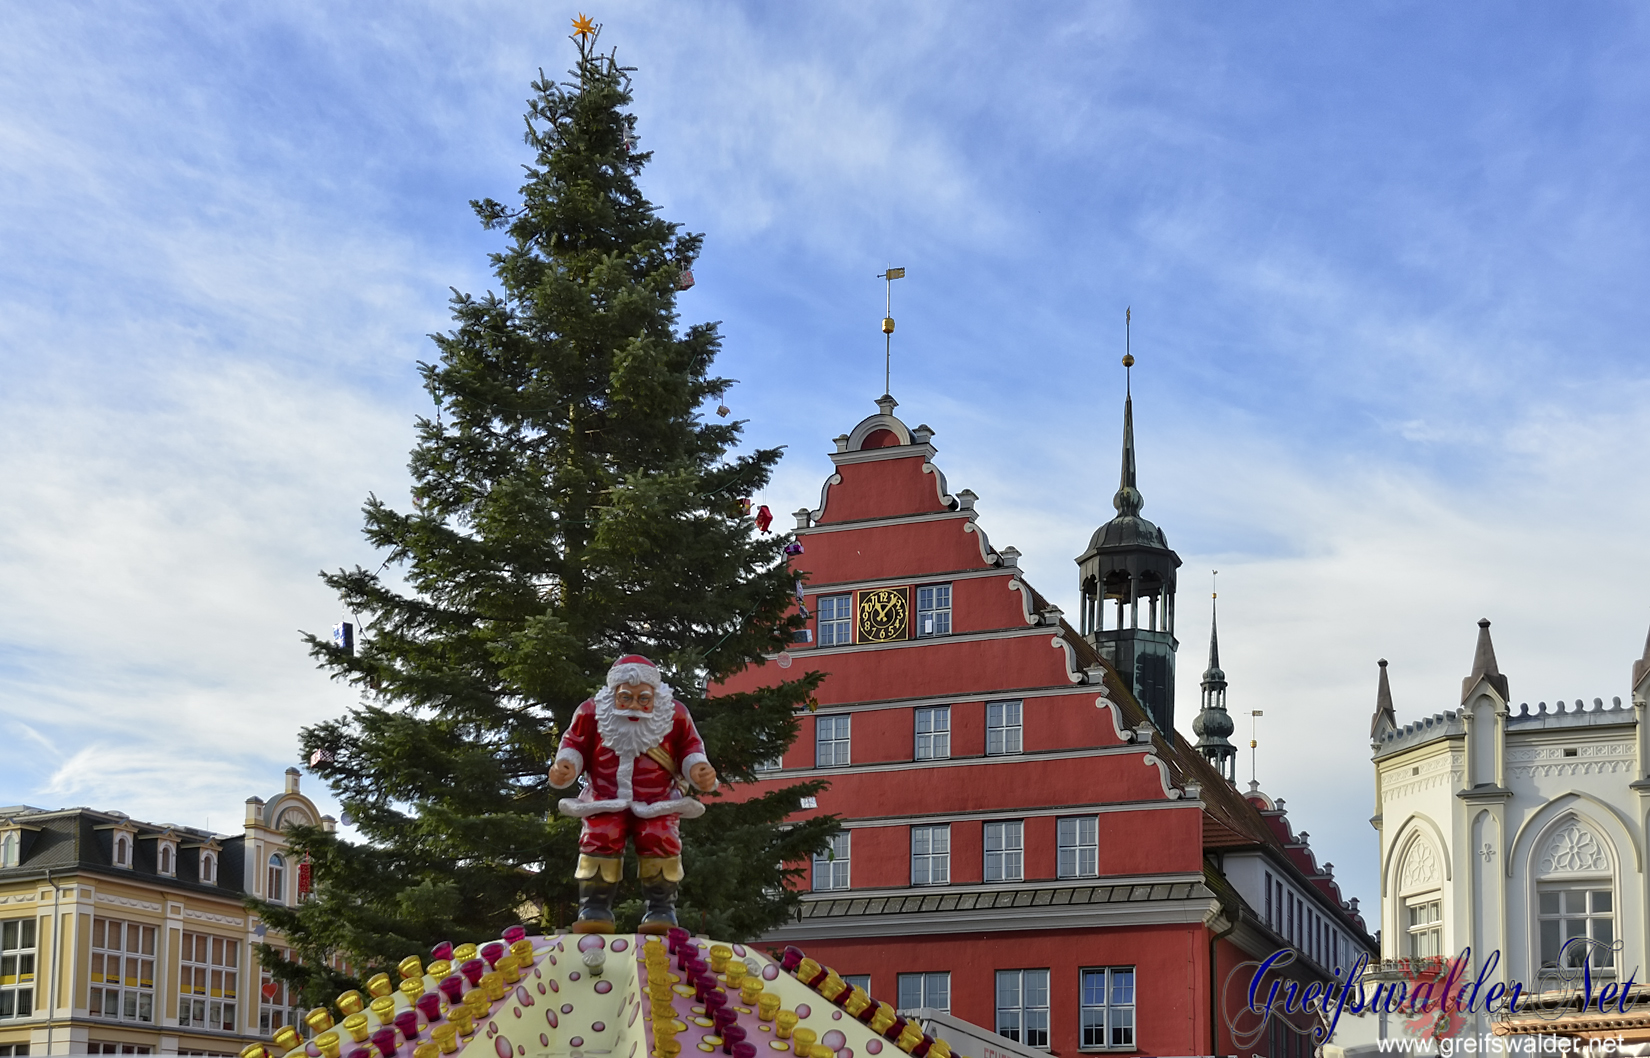 Weihnachtsbaum in Greifswald